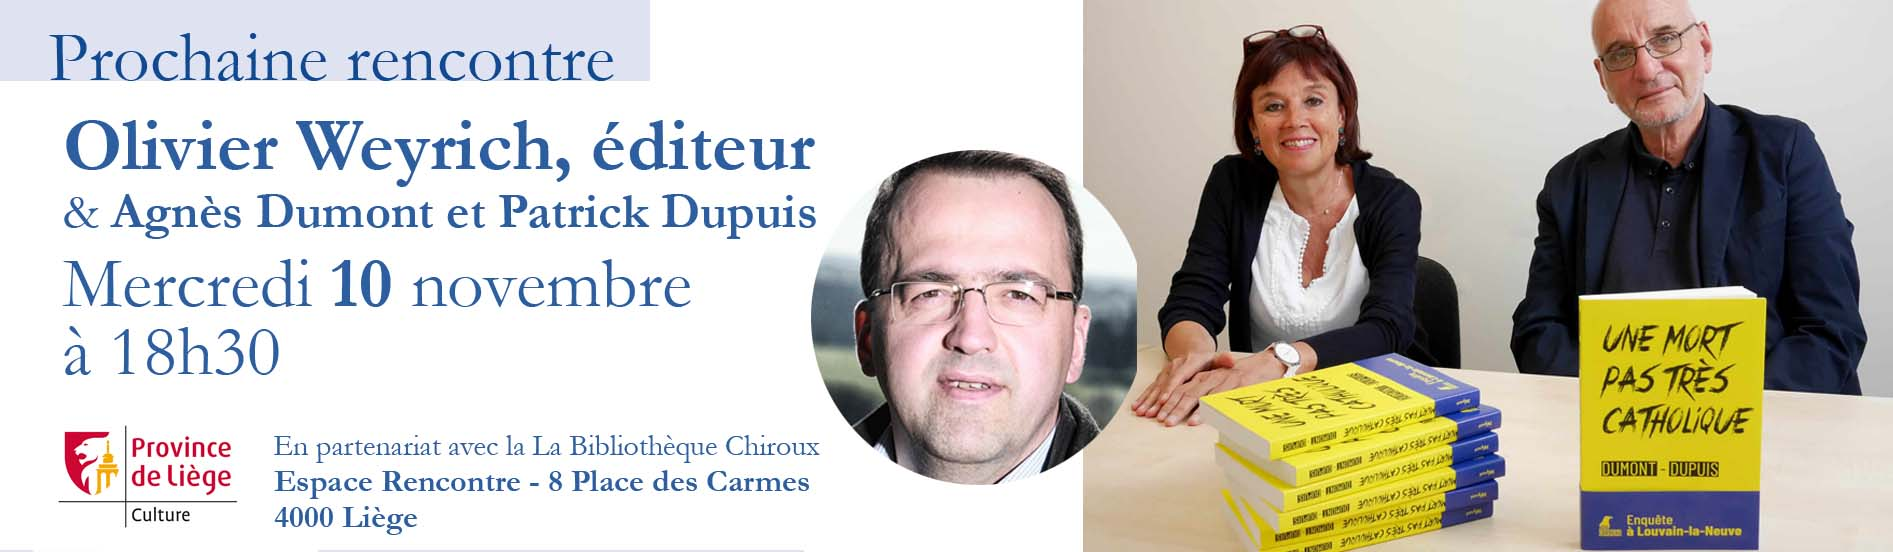 Rencontre avec Olivier Weyrich éditeur